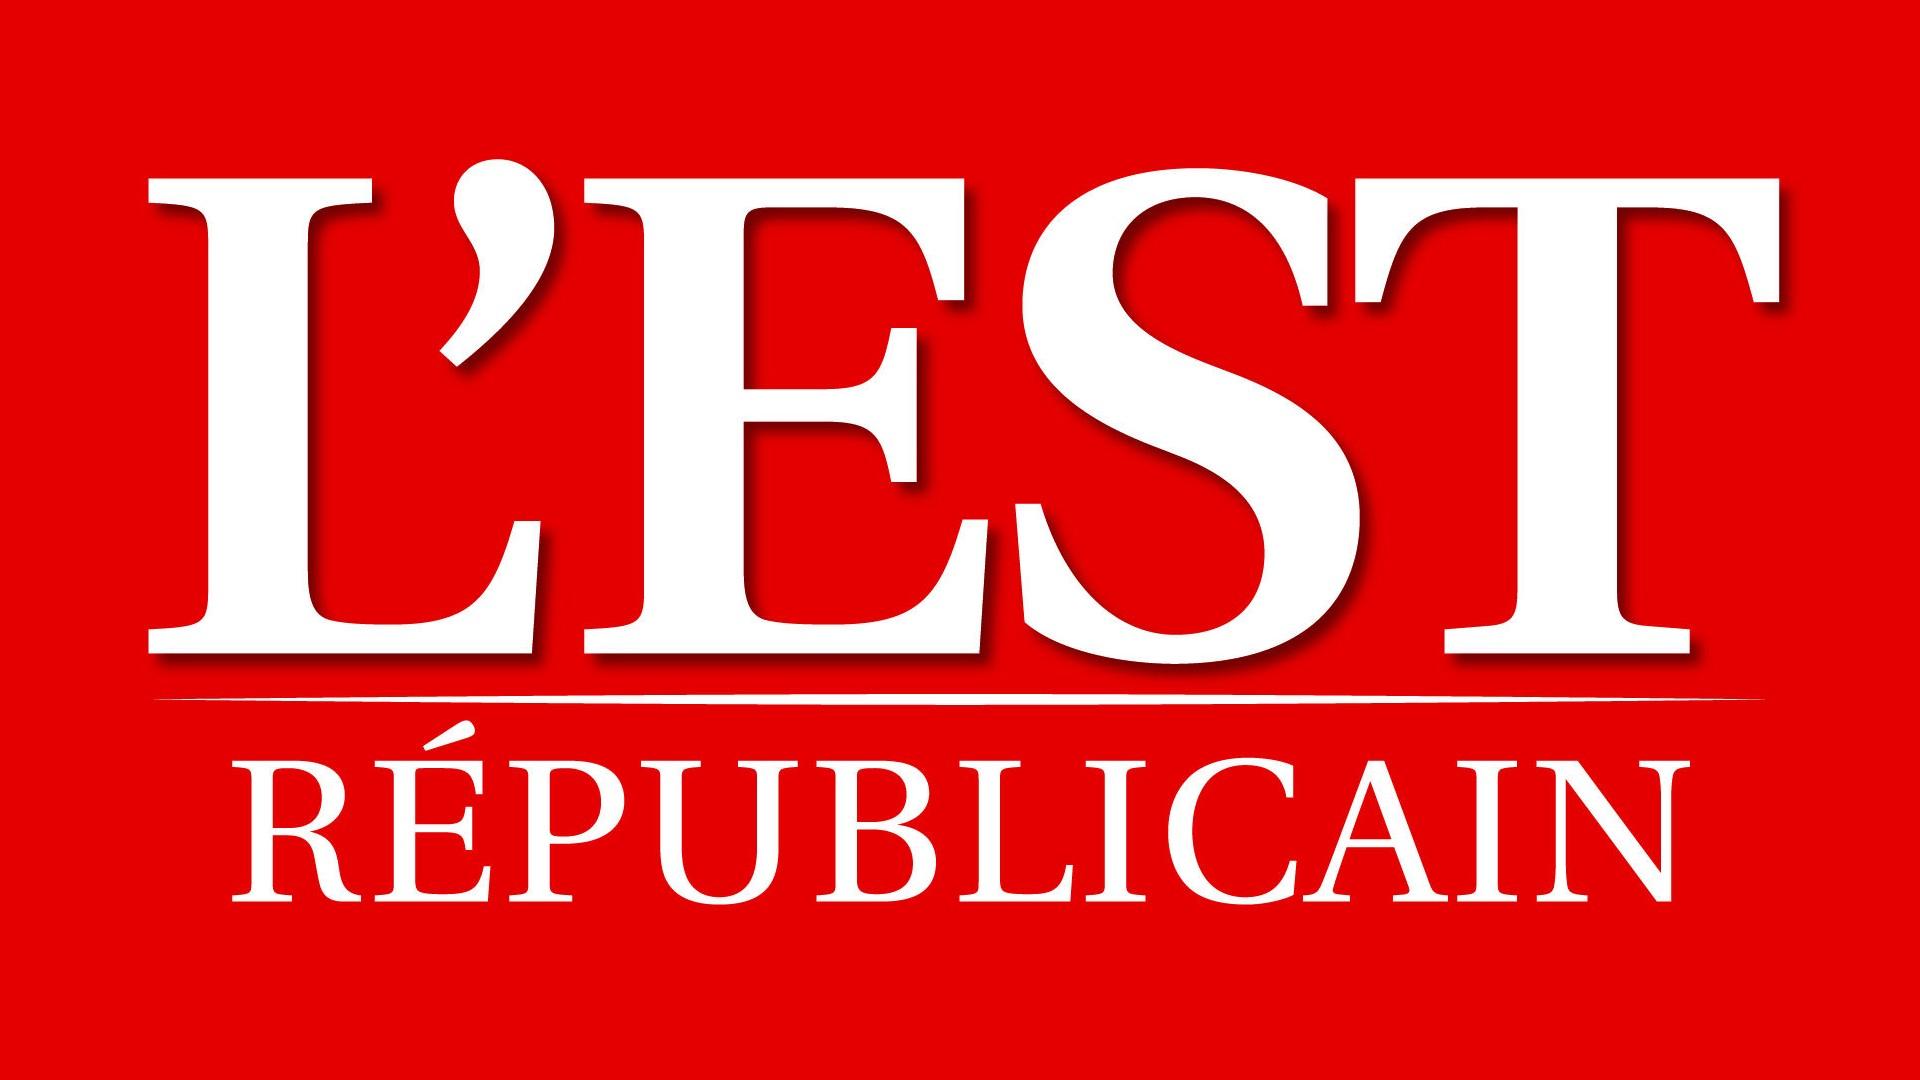 L'Est Républicain (1) Logo